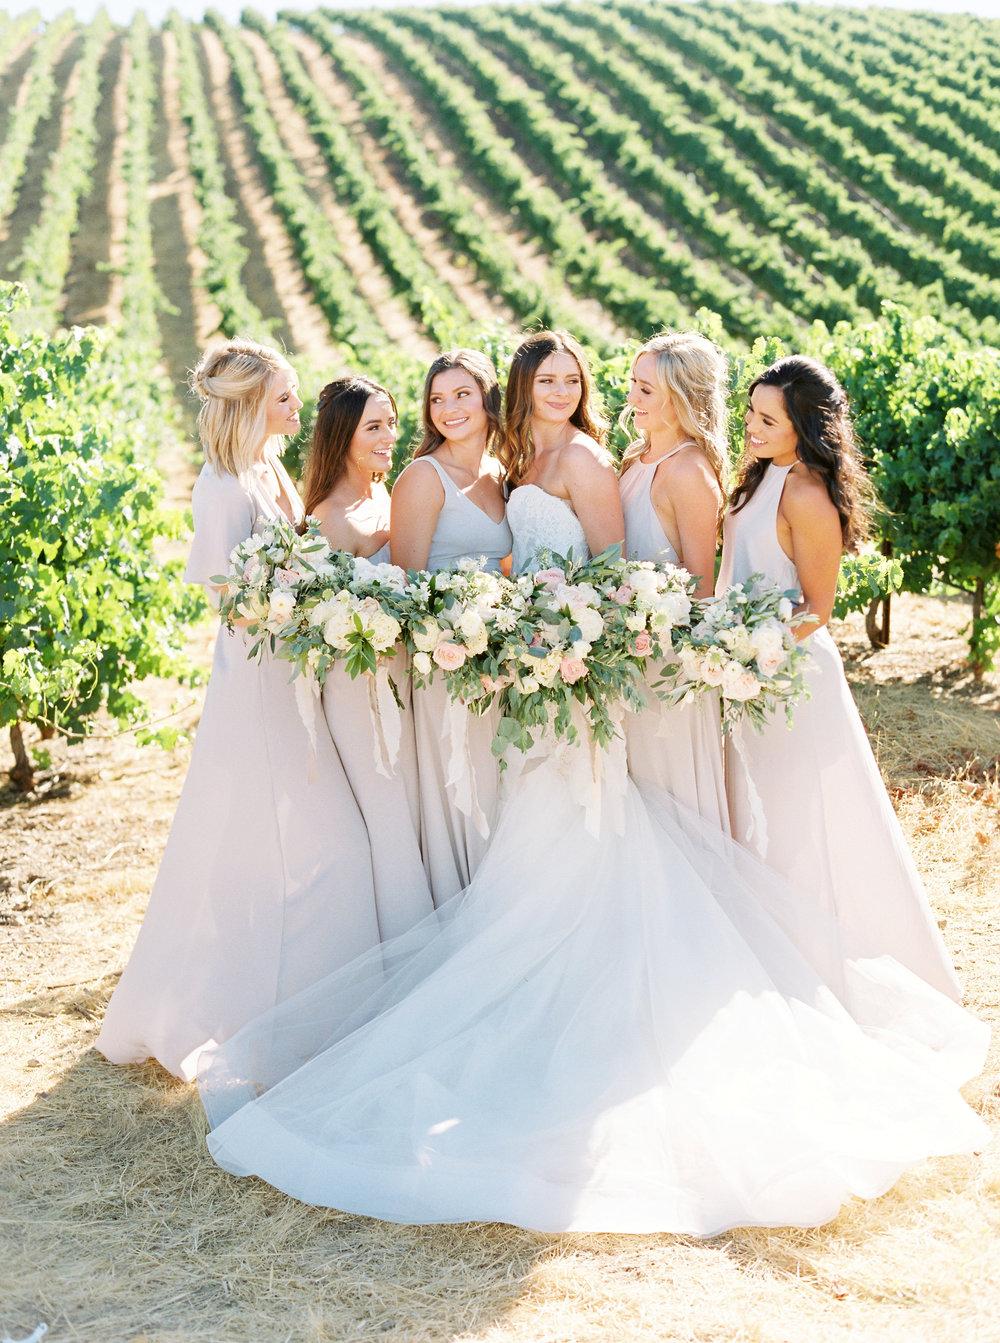 muriettas-well-wedding-in-livermore-california-99.jpg